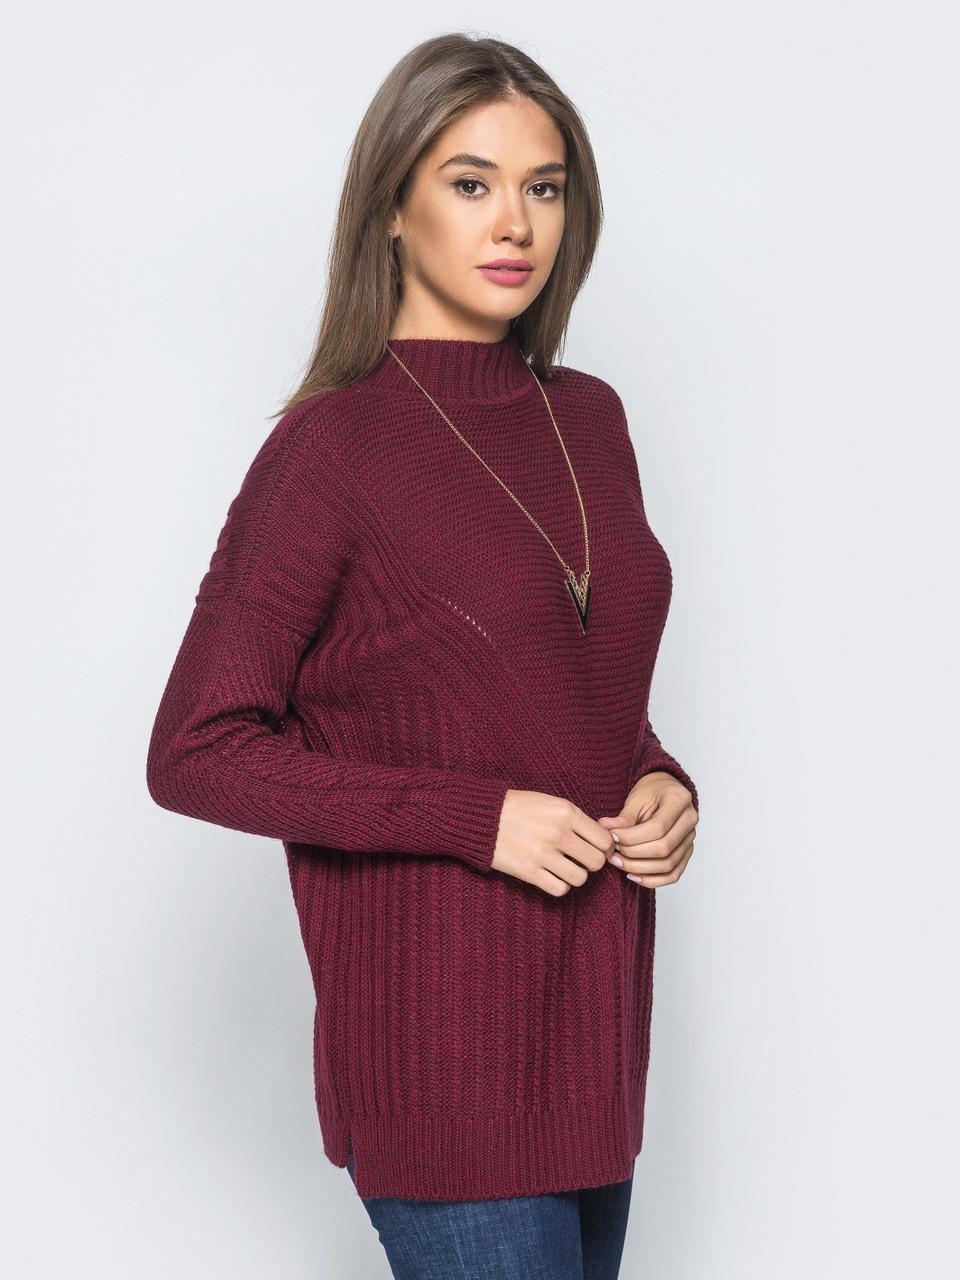 бордовый свободный женский вязаный свитер р44 50 продажа цена в